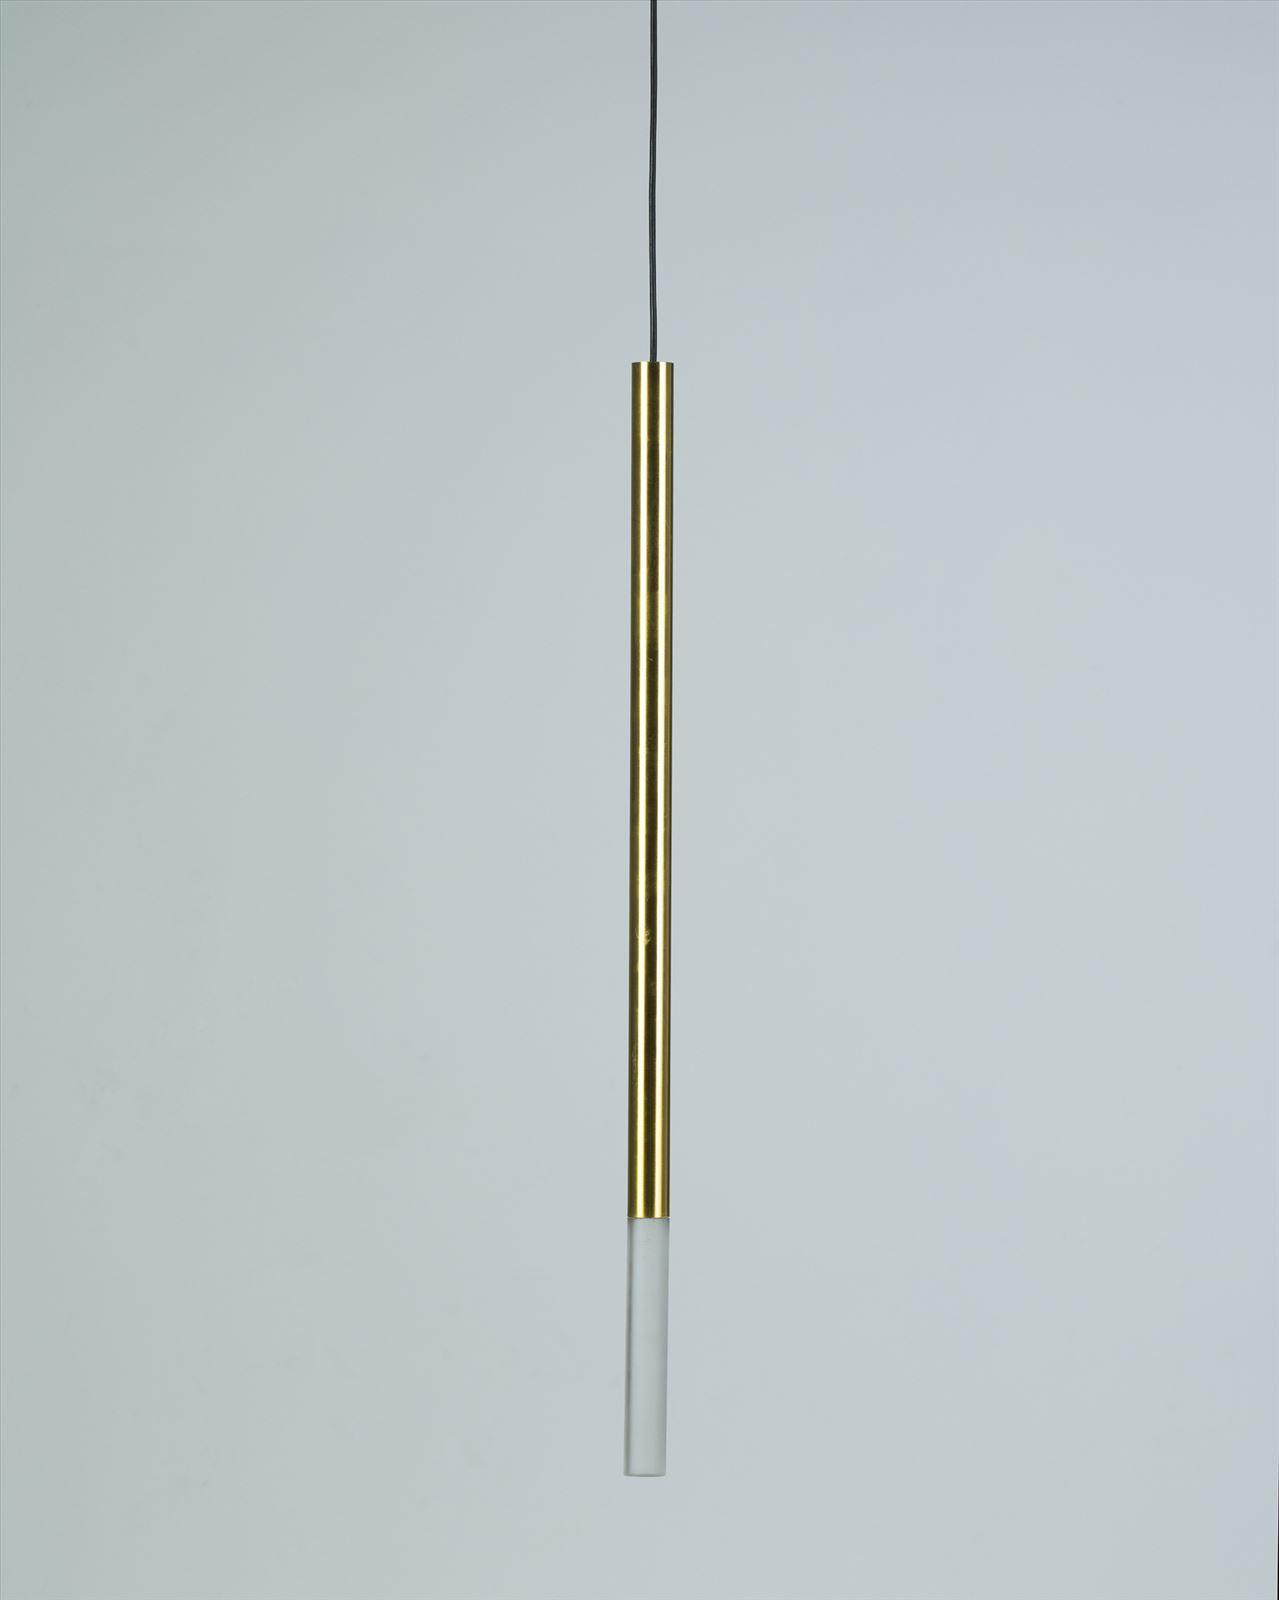 גופי תאורה בקטגוריית: מנורות תלויות ,שם המוצר: MAJESTIC